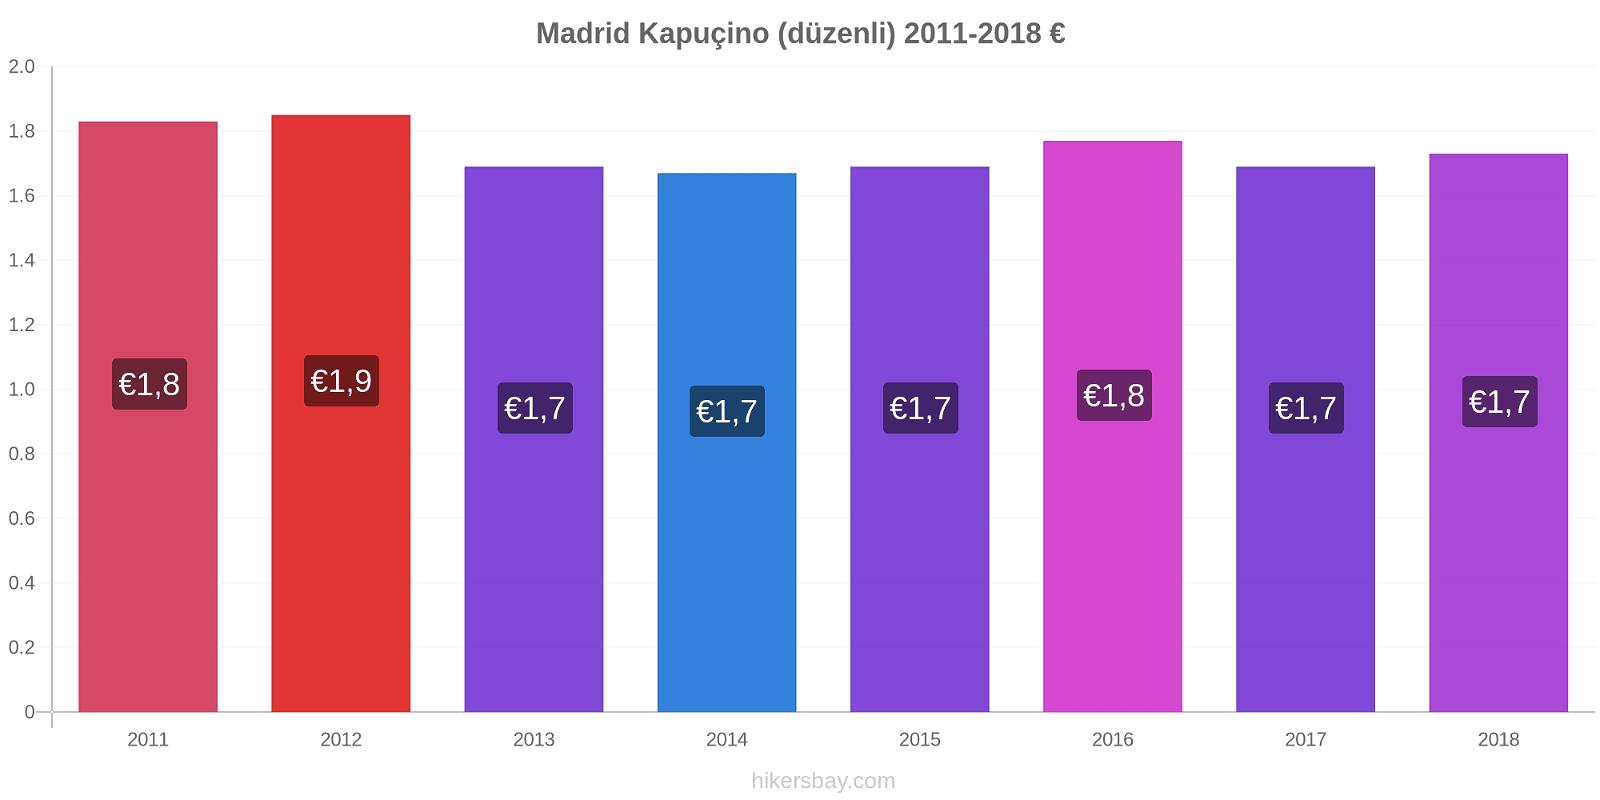 Madrid fiyat değişiklikleri Kapuçino (düzenli) hikersbay.com